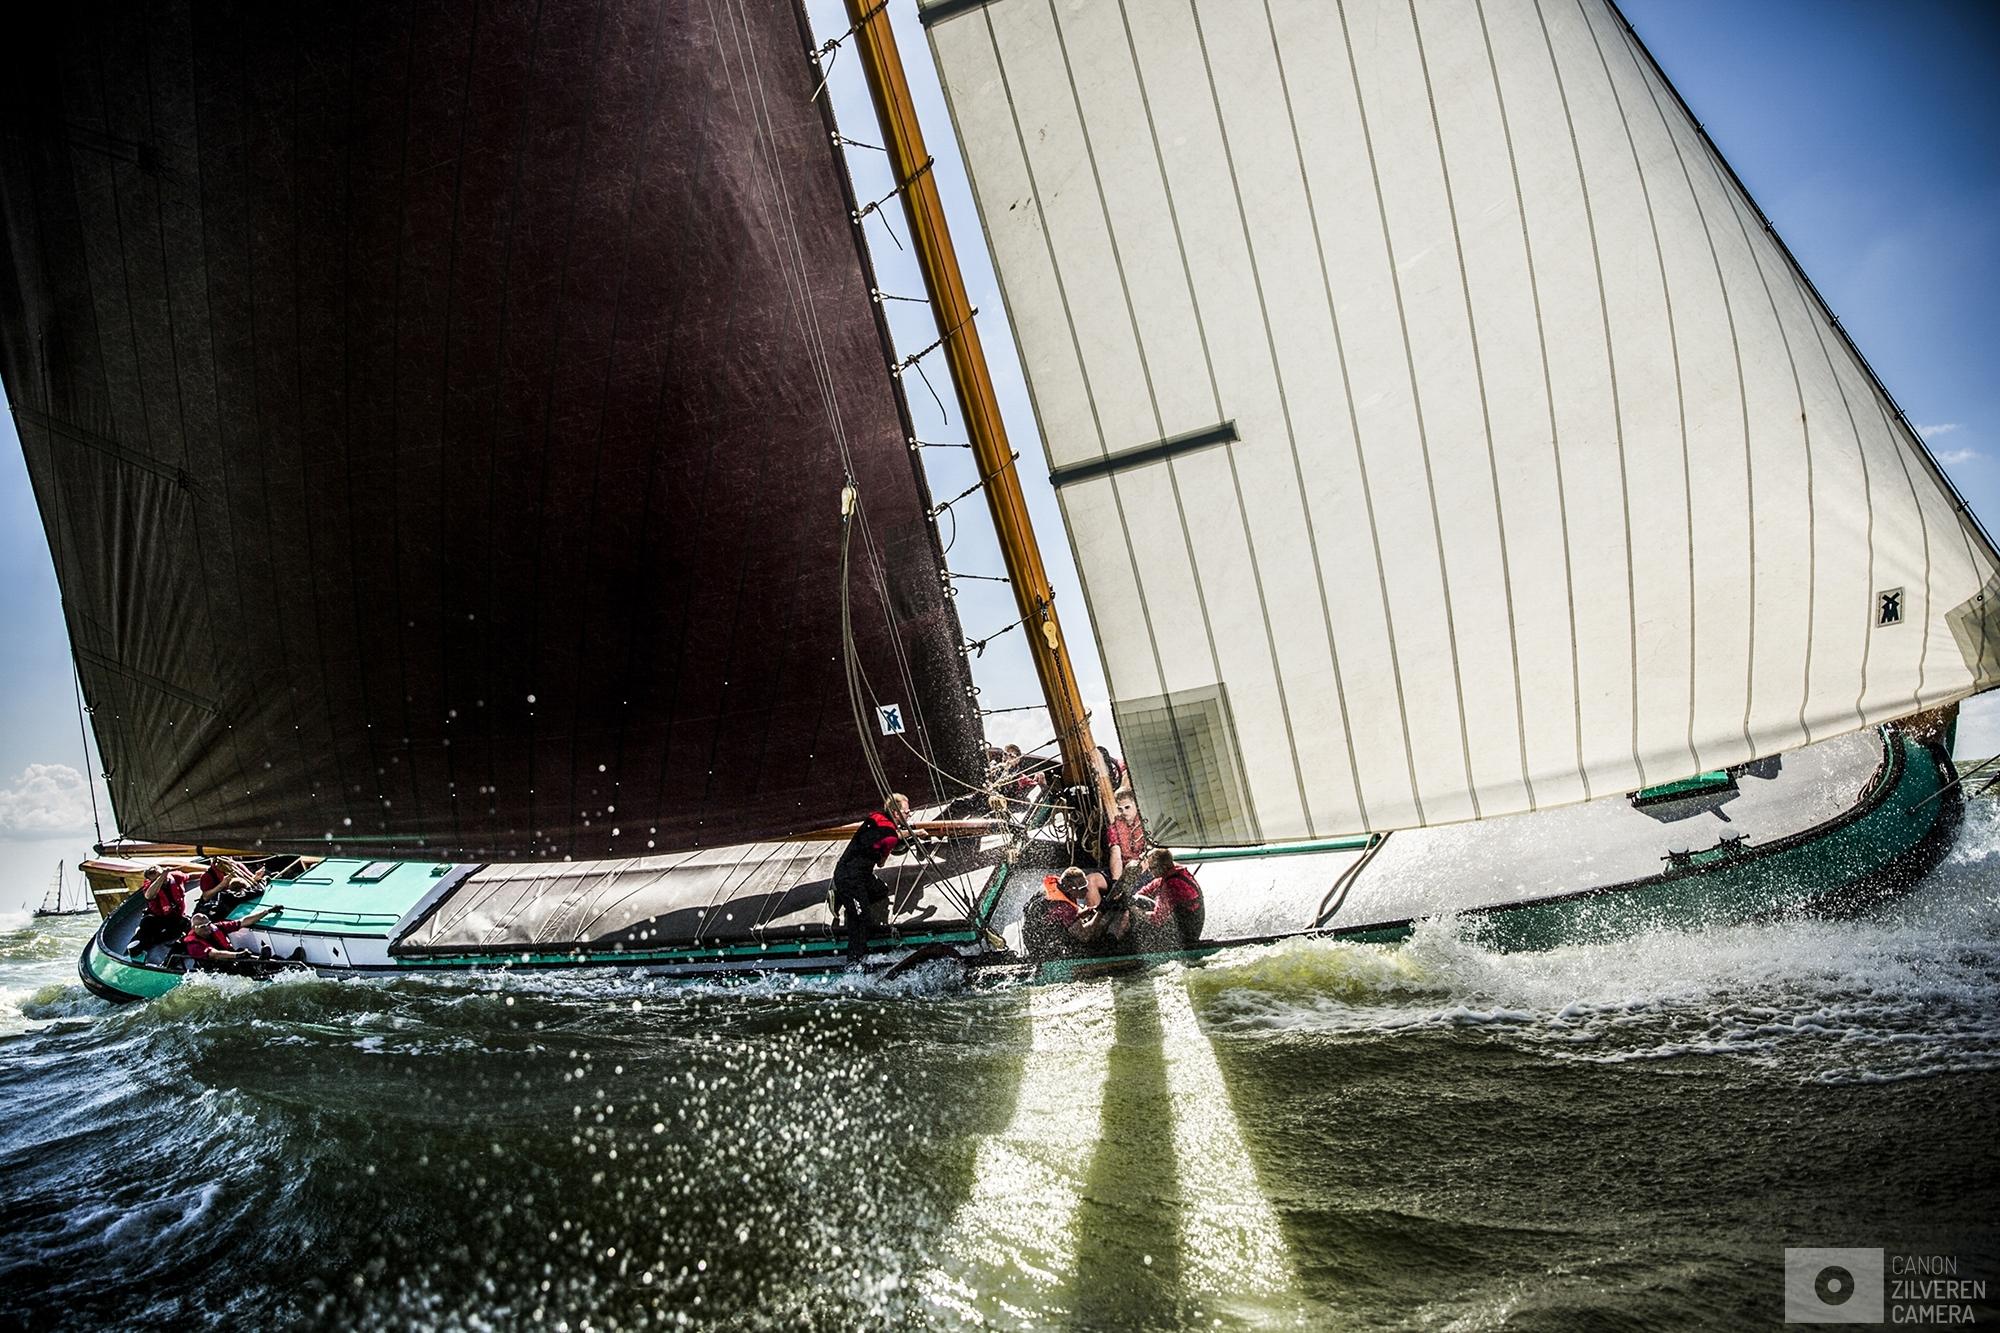 STAVOREN - Skutsjes in actie op het water bij Stavoren tijdens de zevende wedstrijd van het traditionele skutsjesilen. Twee weken lang strijden 14 traditionele Friese platbodems tegen elkaar op de meren van Friesland.